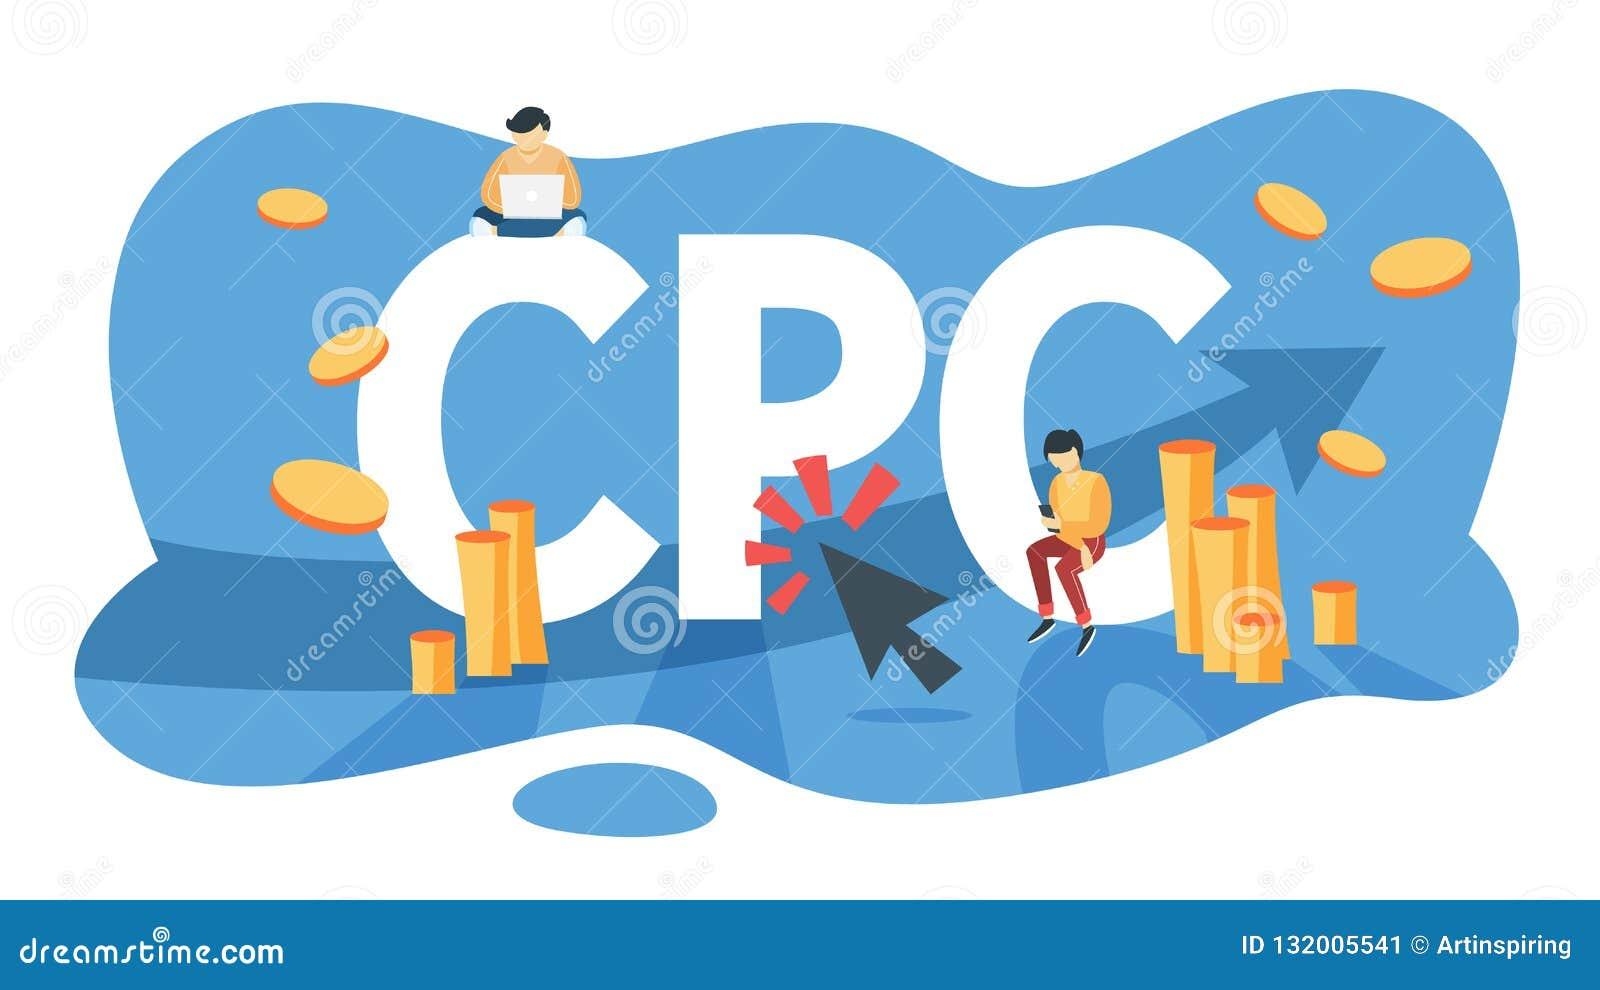 CPC kostete pro Klickenwerbung im Internet